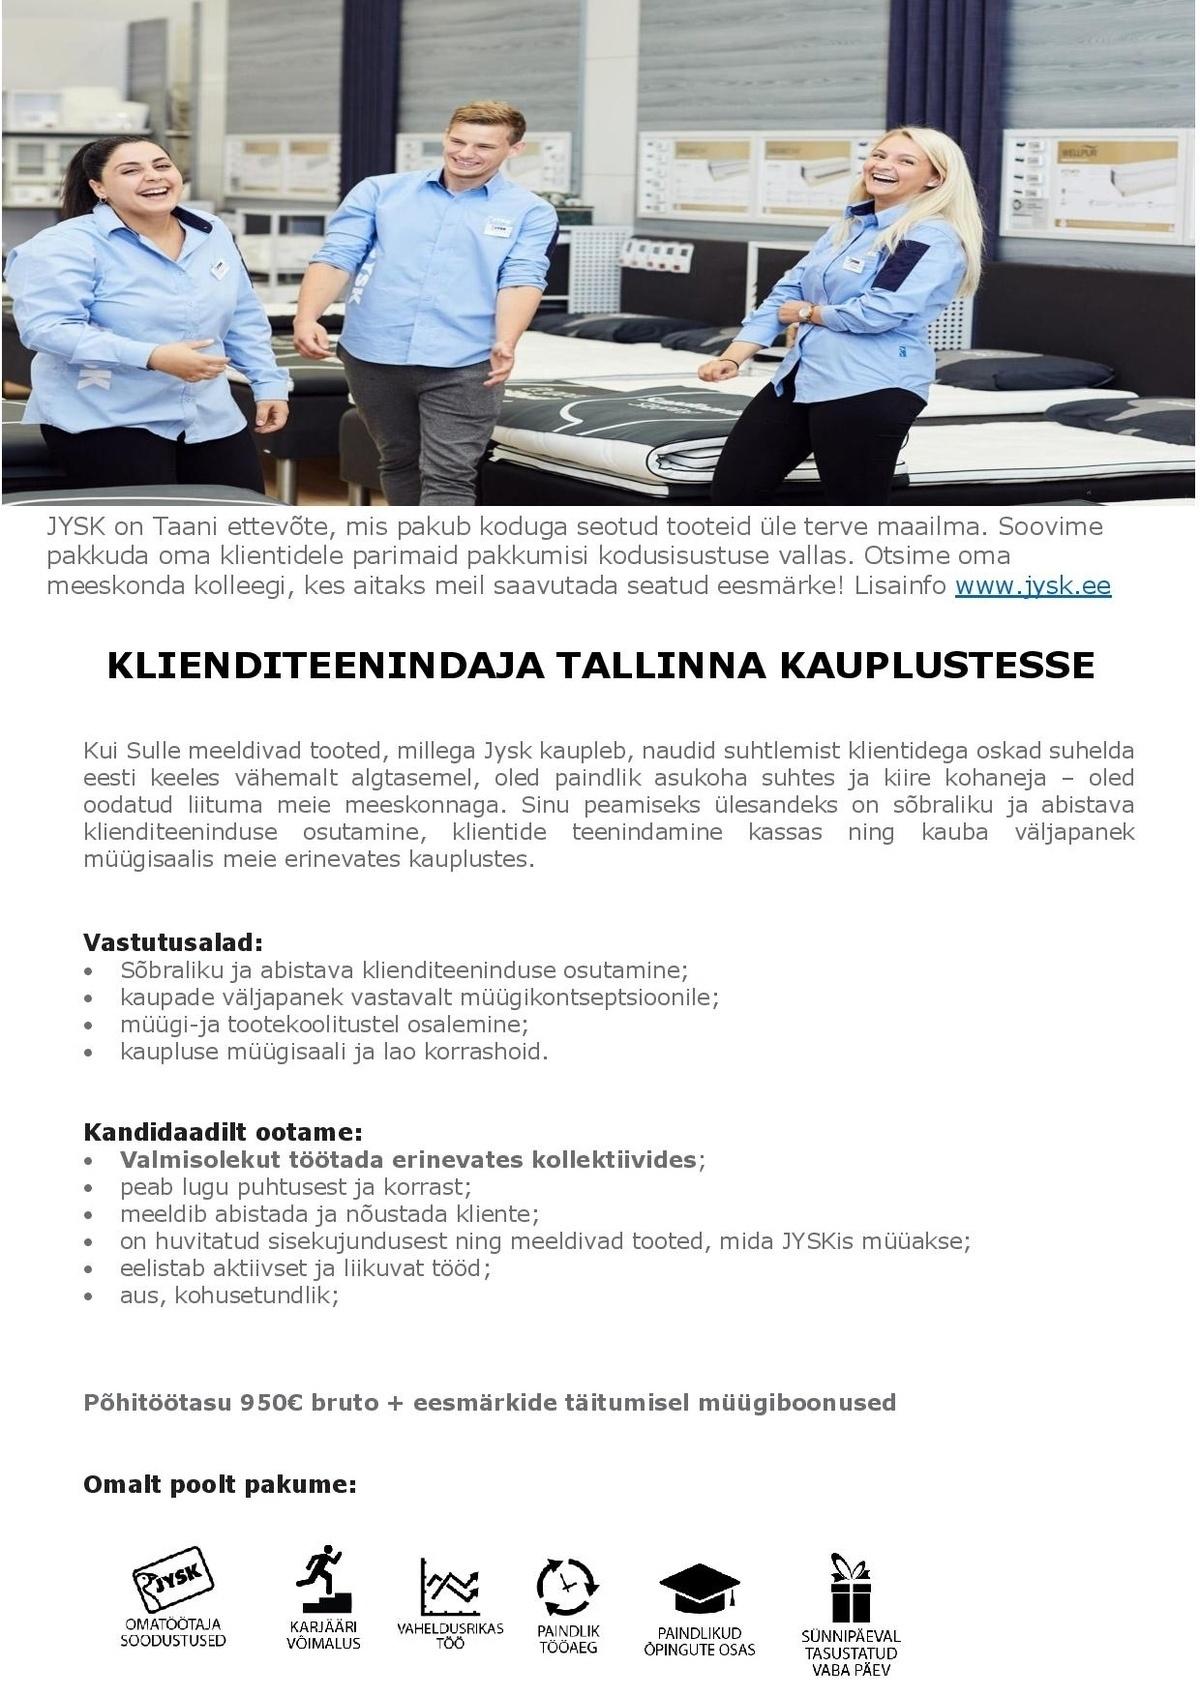 2c83f8f34a0 Jysk Linnen\'n Furniture OÜ Operatiivklienditeenindaja Jyski Tallinna  kauplustesse